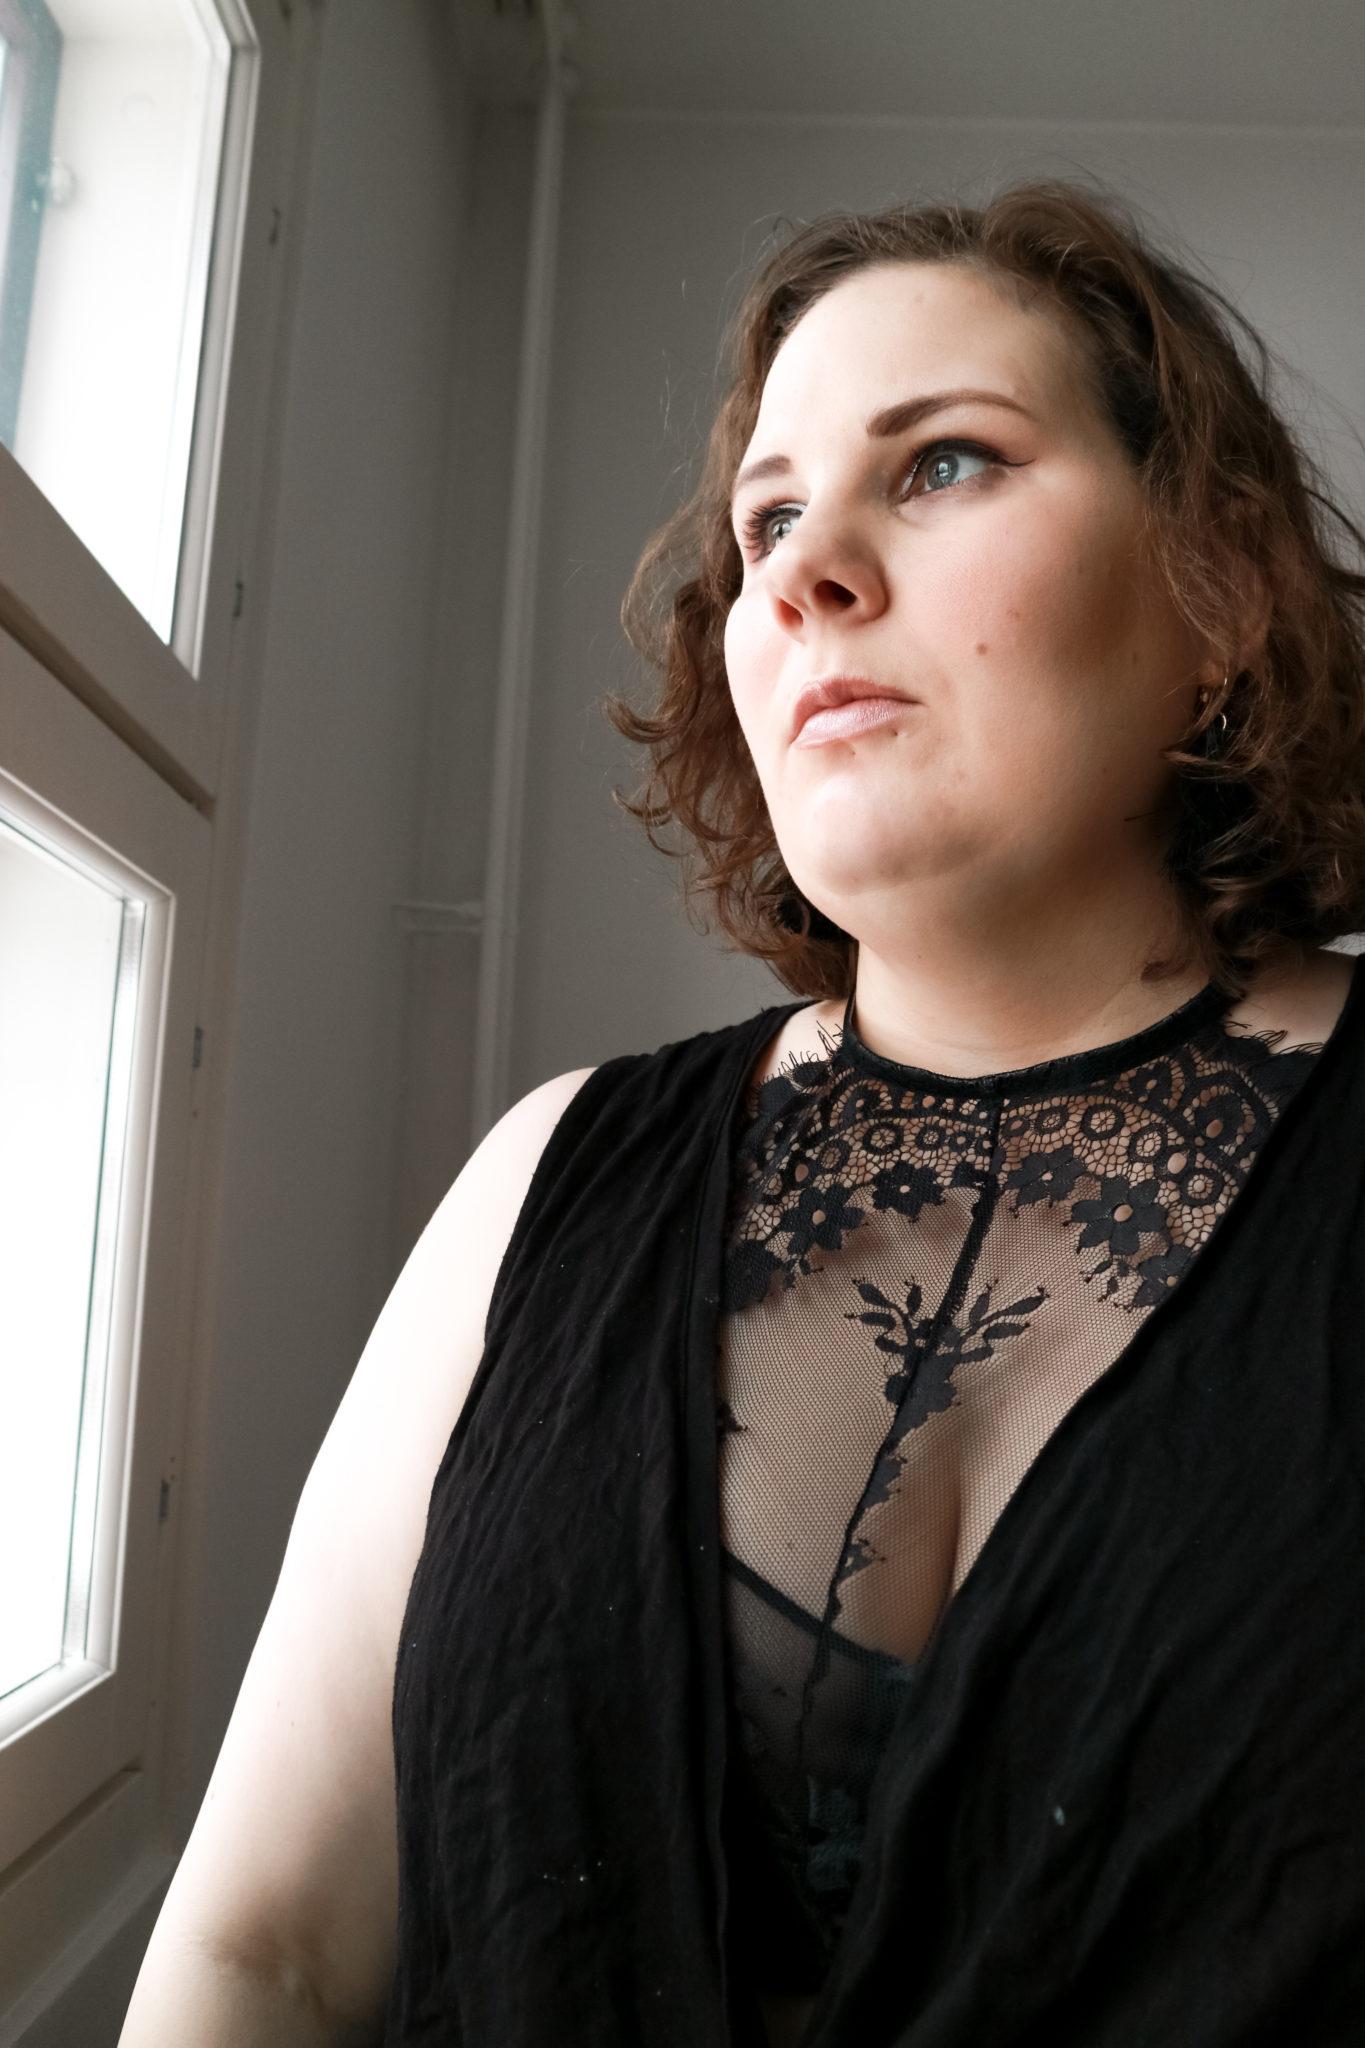 Naisten kokema häirintä - Big mamas home by Jenni